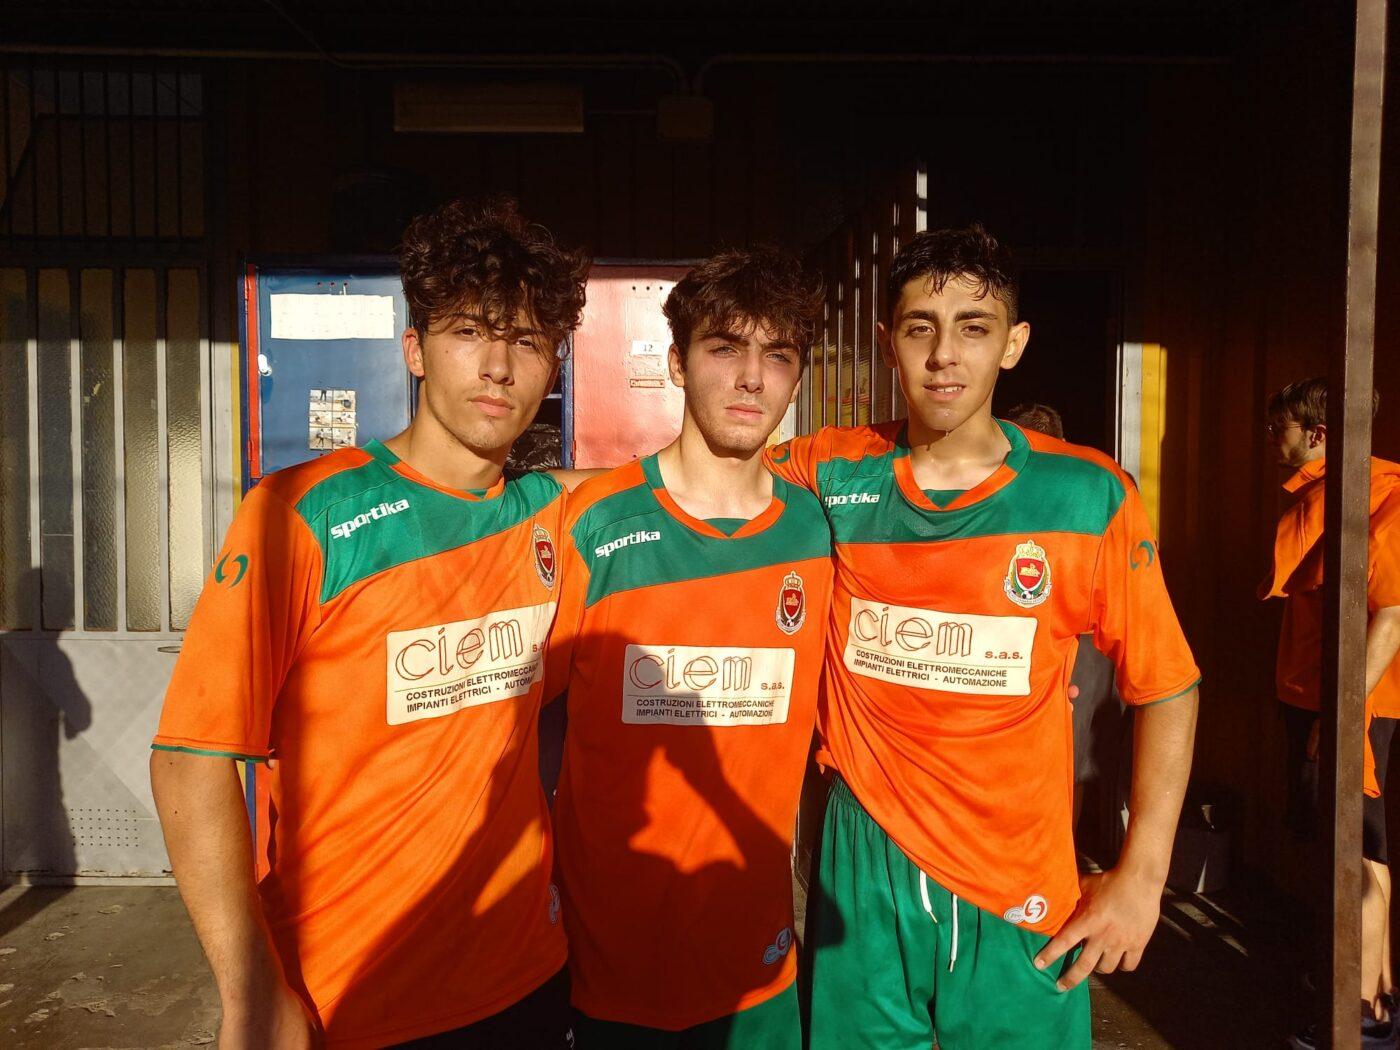 Venaria U19 - Granata, Cuccaro e Cesarano